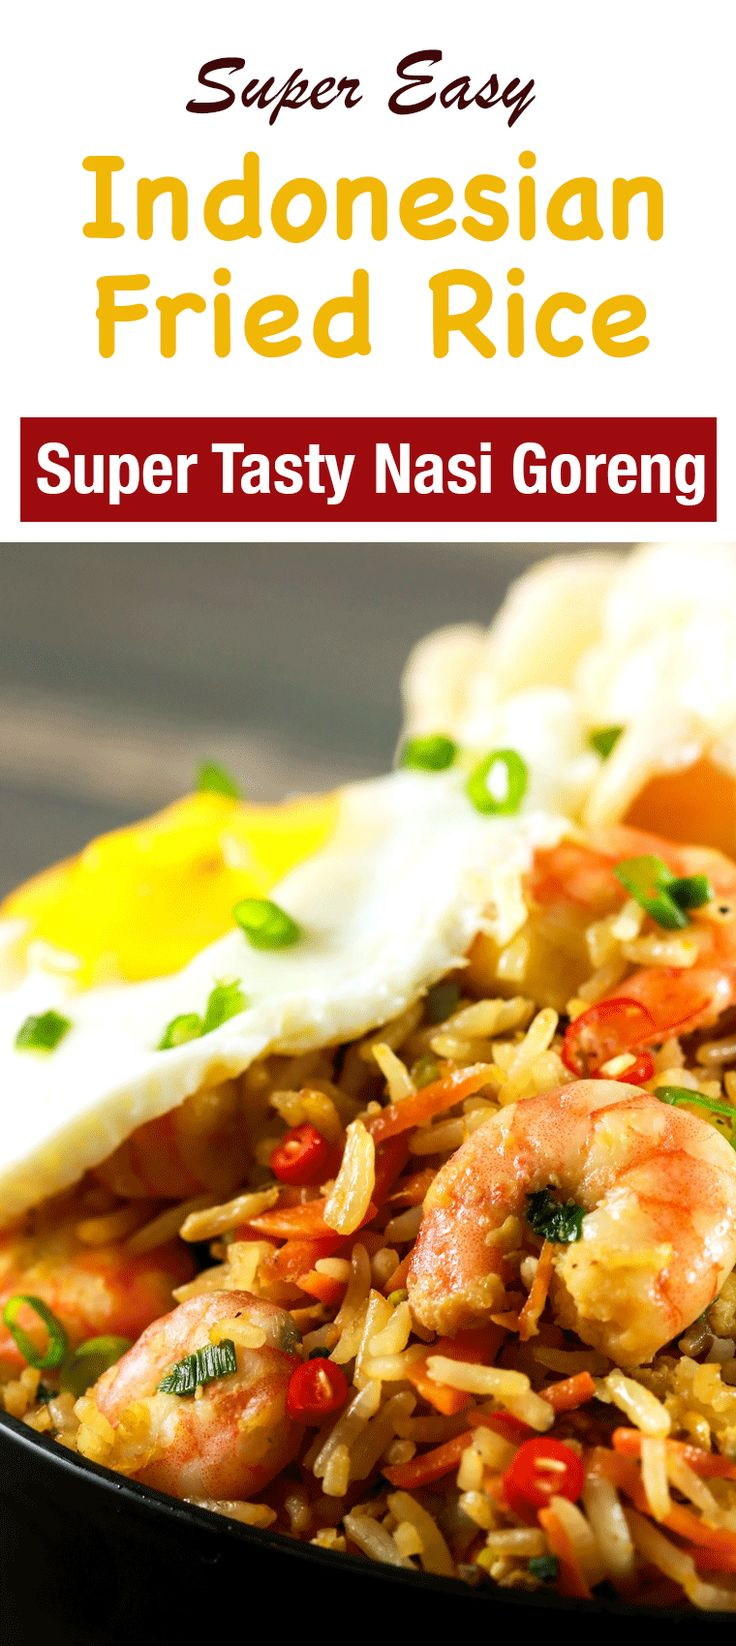 Prawn Nasi Goreng Spicy Indonesian Fried Rice | Recipe ...